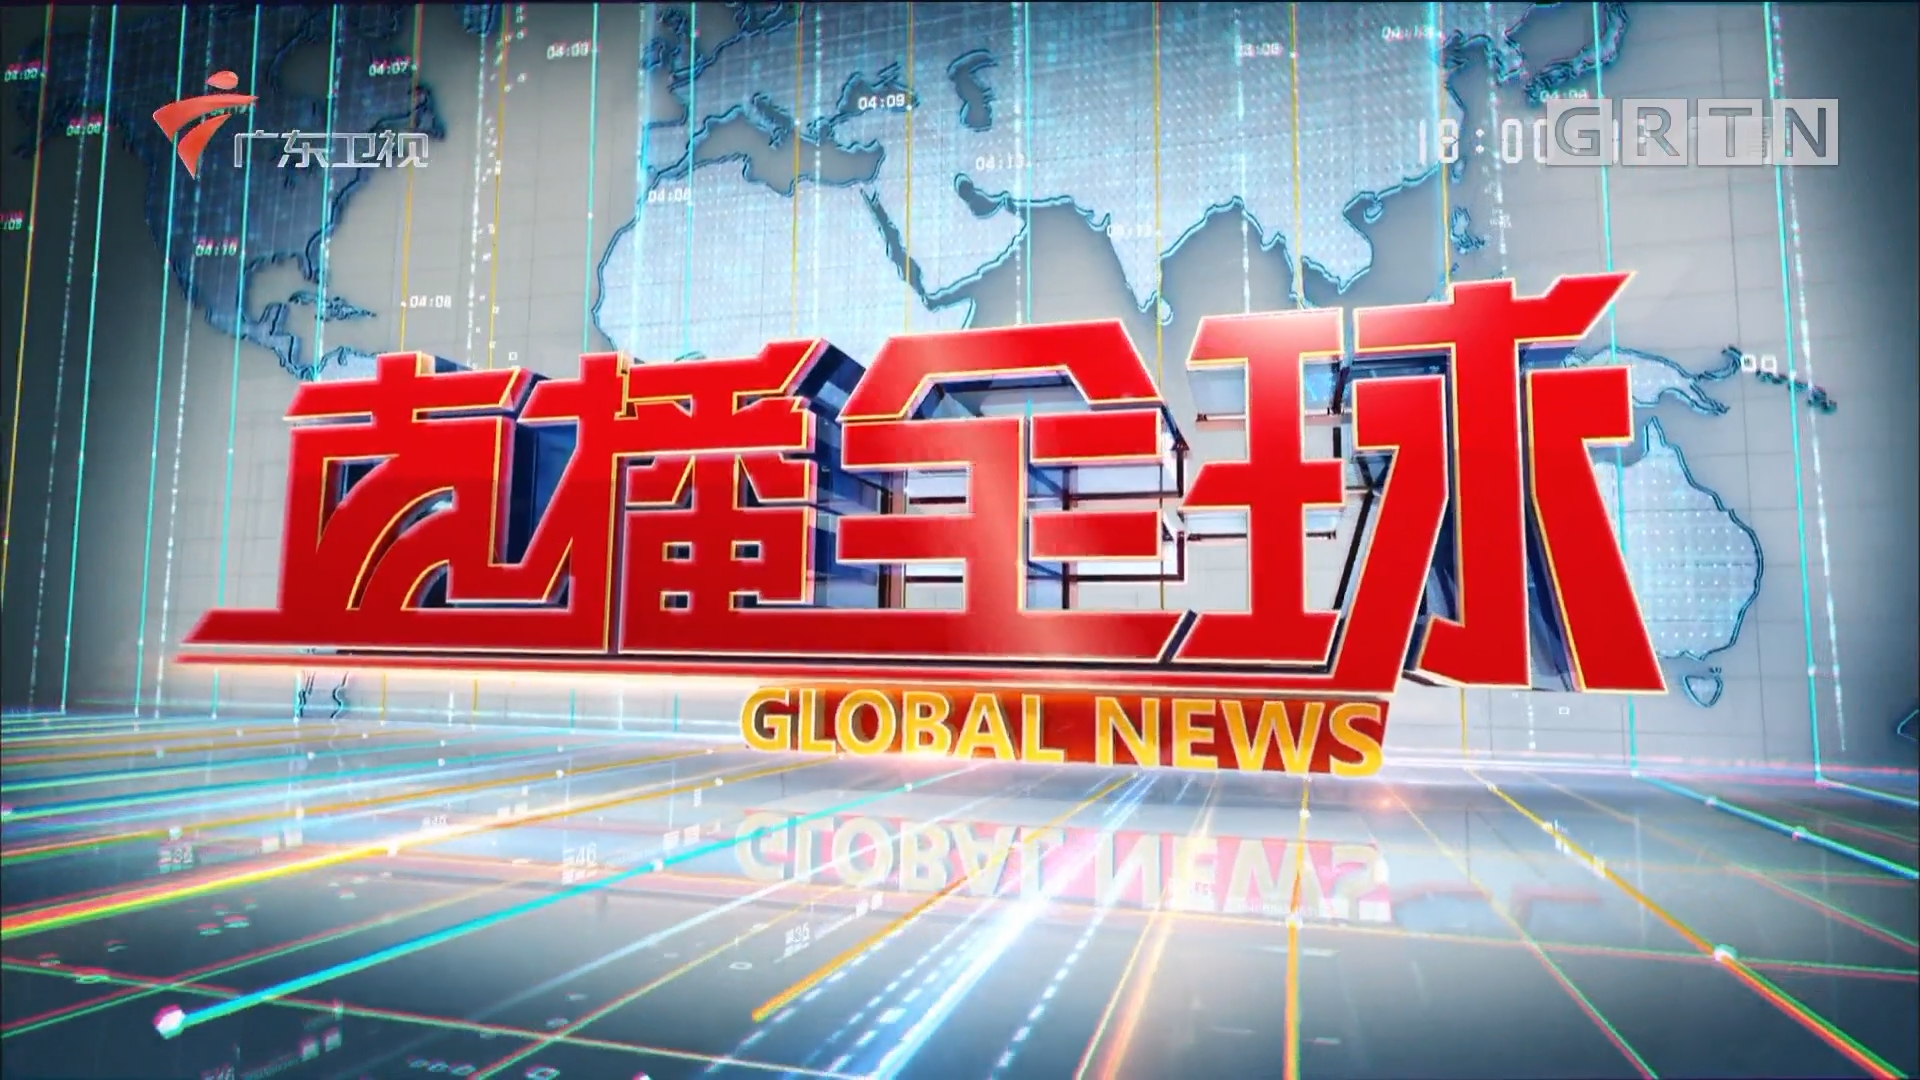 [HD][2018-04-12]直播全球:特朗普成首位缺席美洲峰会的美国总统:美国副总统彭斯代替出席